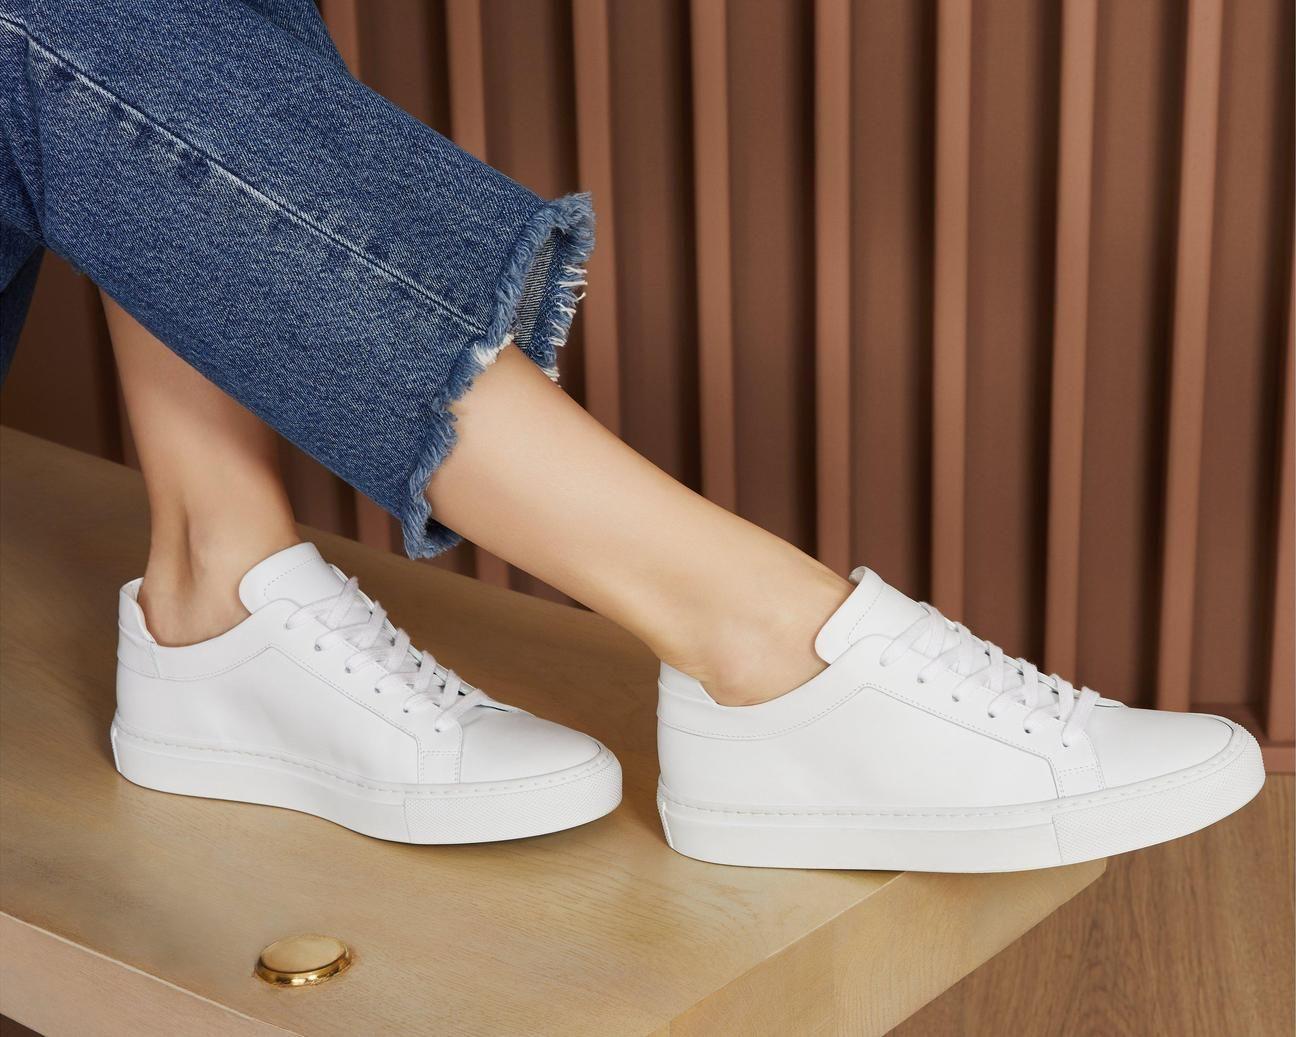 Womens fashion, Sneakers fashion